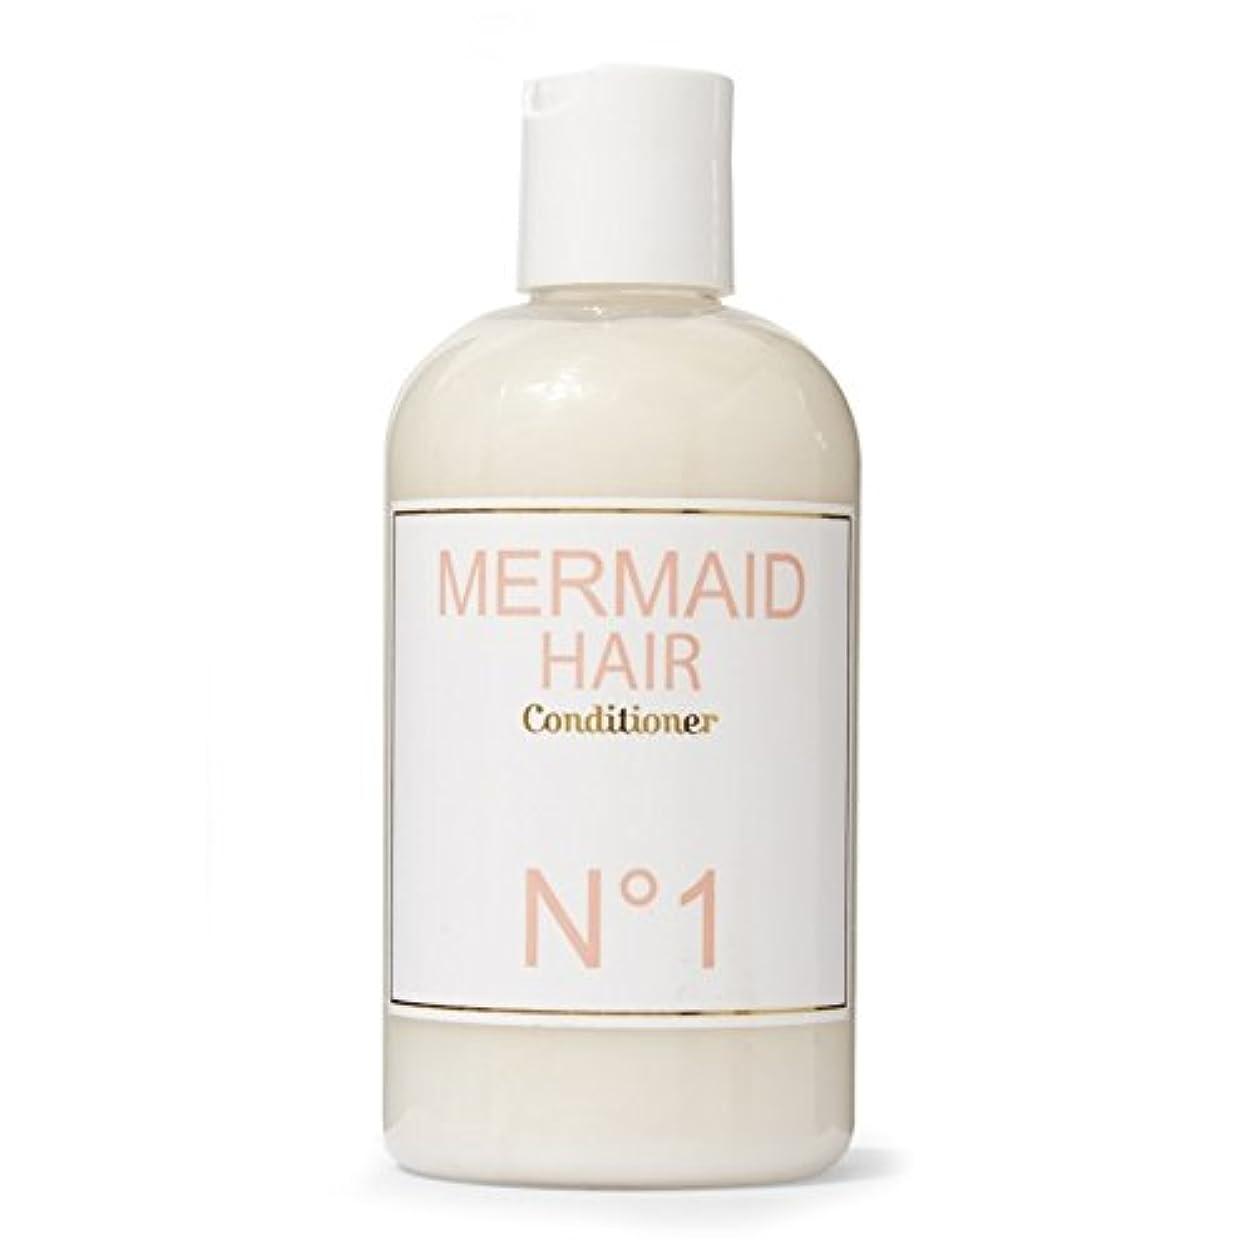 弾薬サイレント緩めるMermaid Perfume Mermaid Conditioner 300ml - 人魚香水人魚コンディショナー300ミリリットル [並行輸入品]